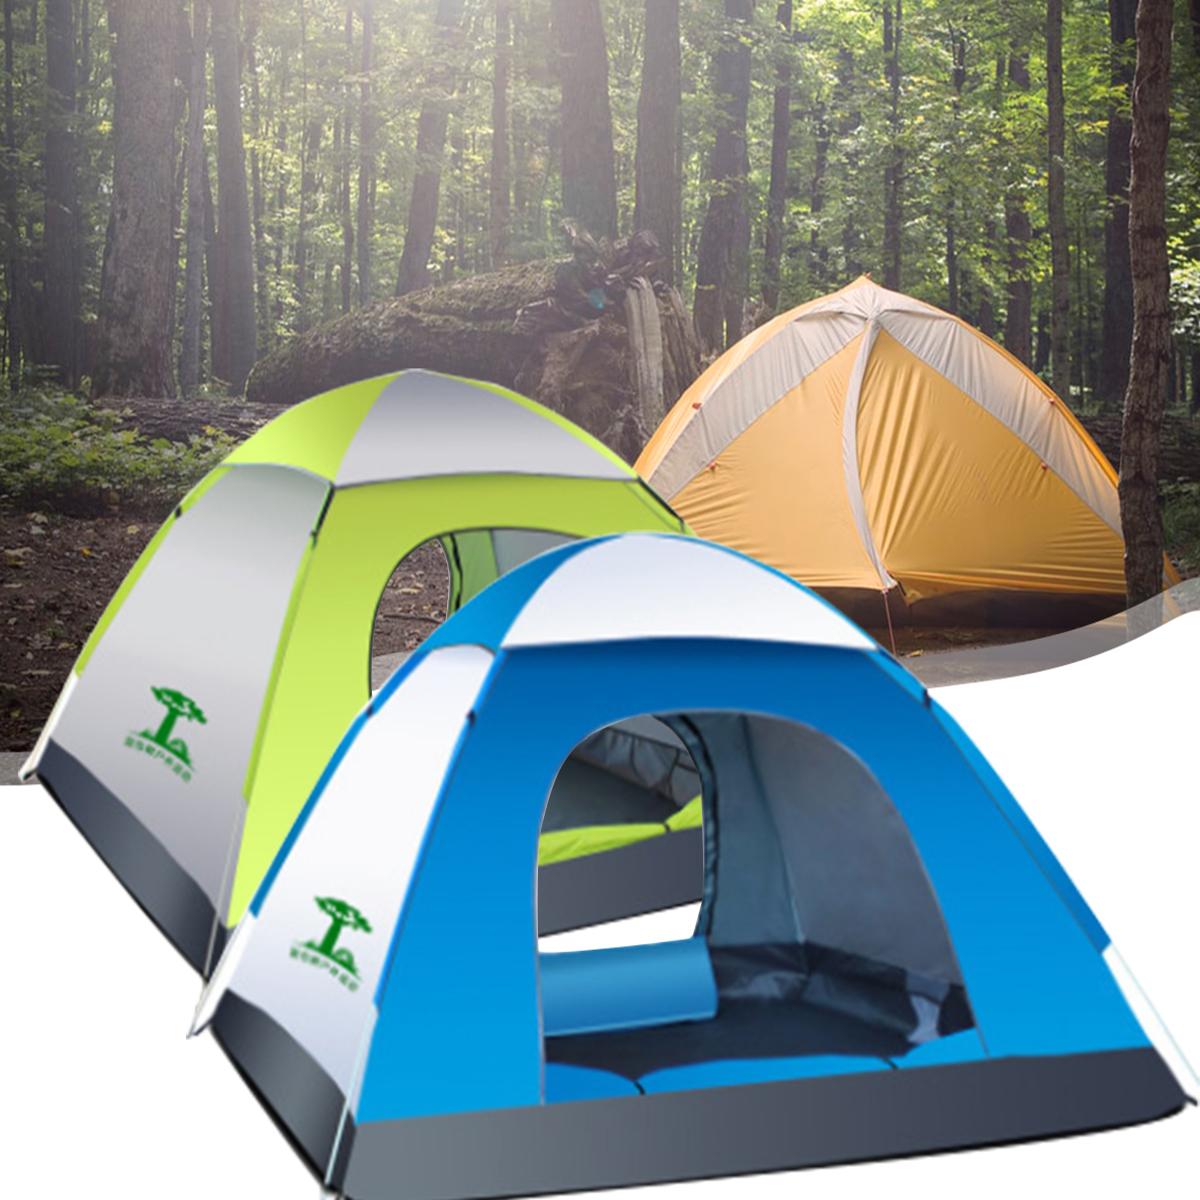 Человека Водонепроницаемы Автоматическая палатка На открытом воздухе Кемпинг Спящая палатка 210D Оксфорд Ткань Путешествия Пляжный Пала